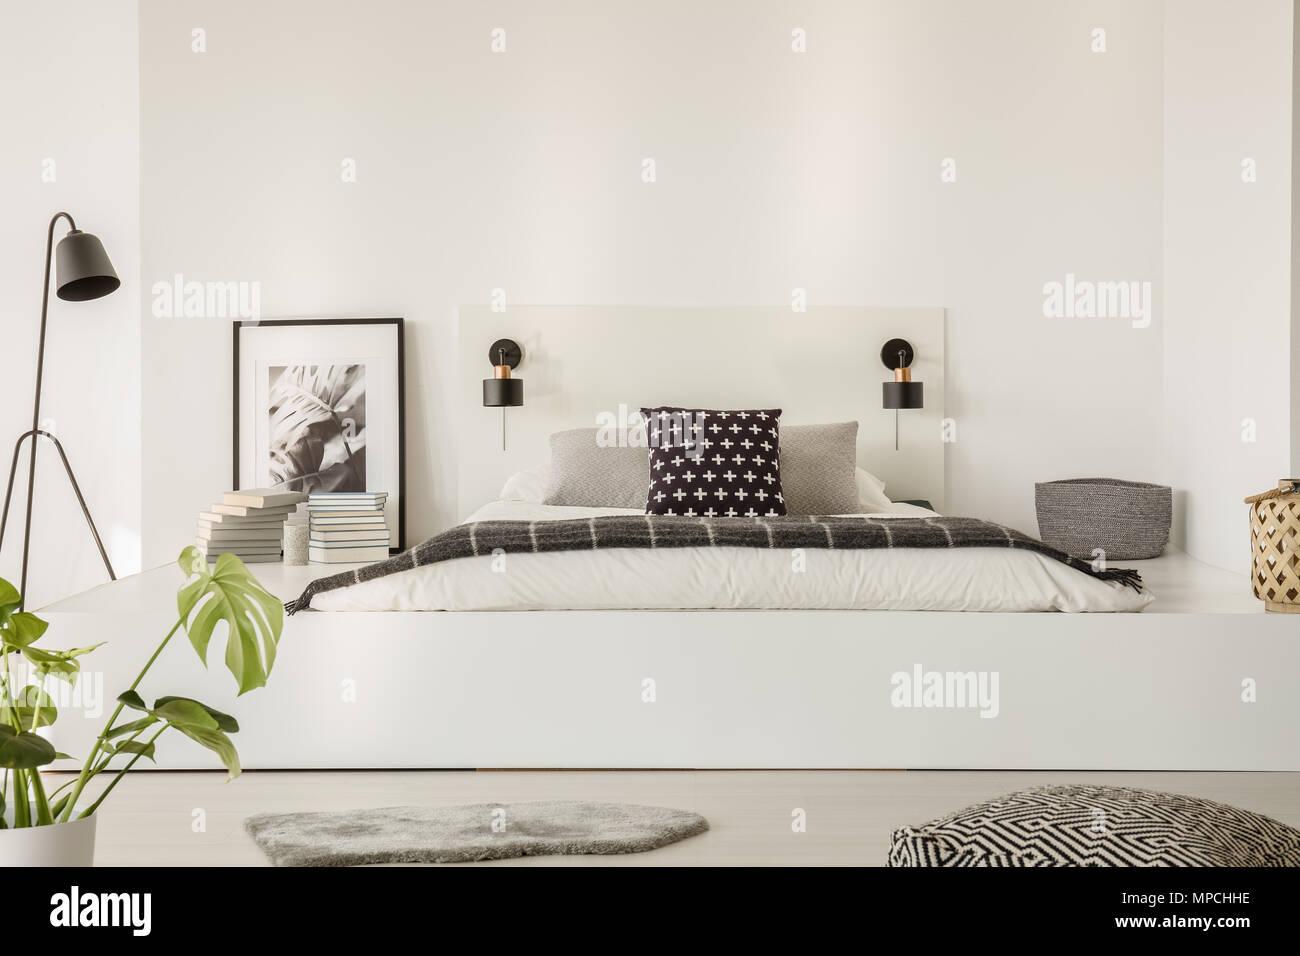 Echten Foto Von Einem Bett Mit Weißer Bettwäsche, Schwarz Kissen Und Graue  Decke Auf Einer Plattform In Modernes Schlafzimmer Innenraum